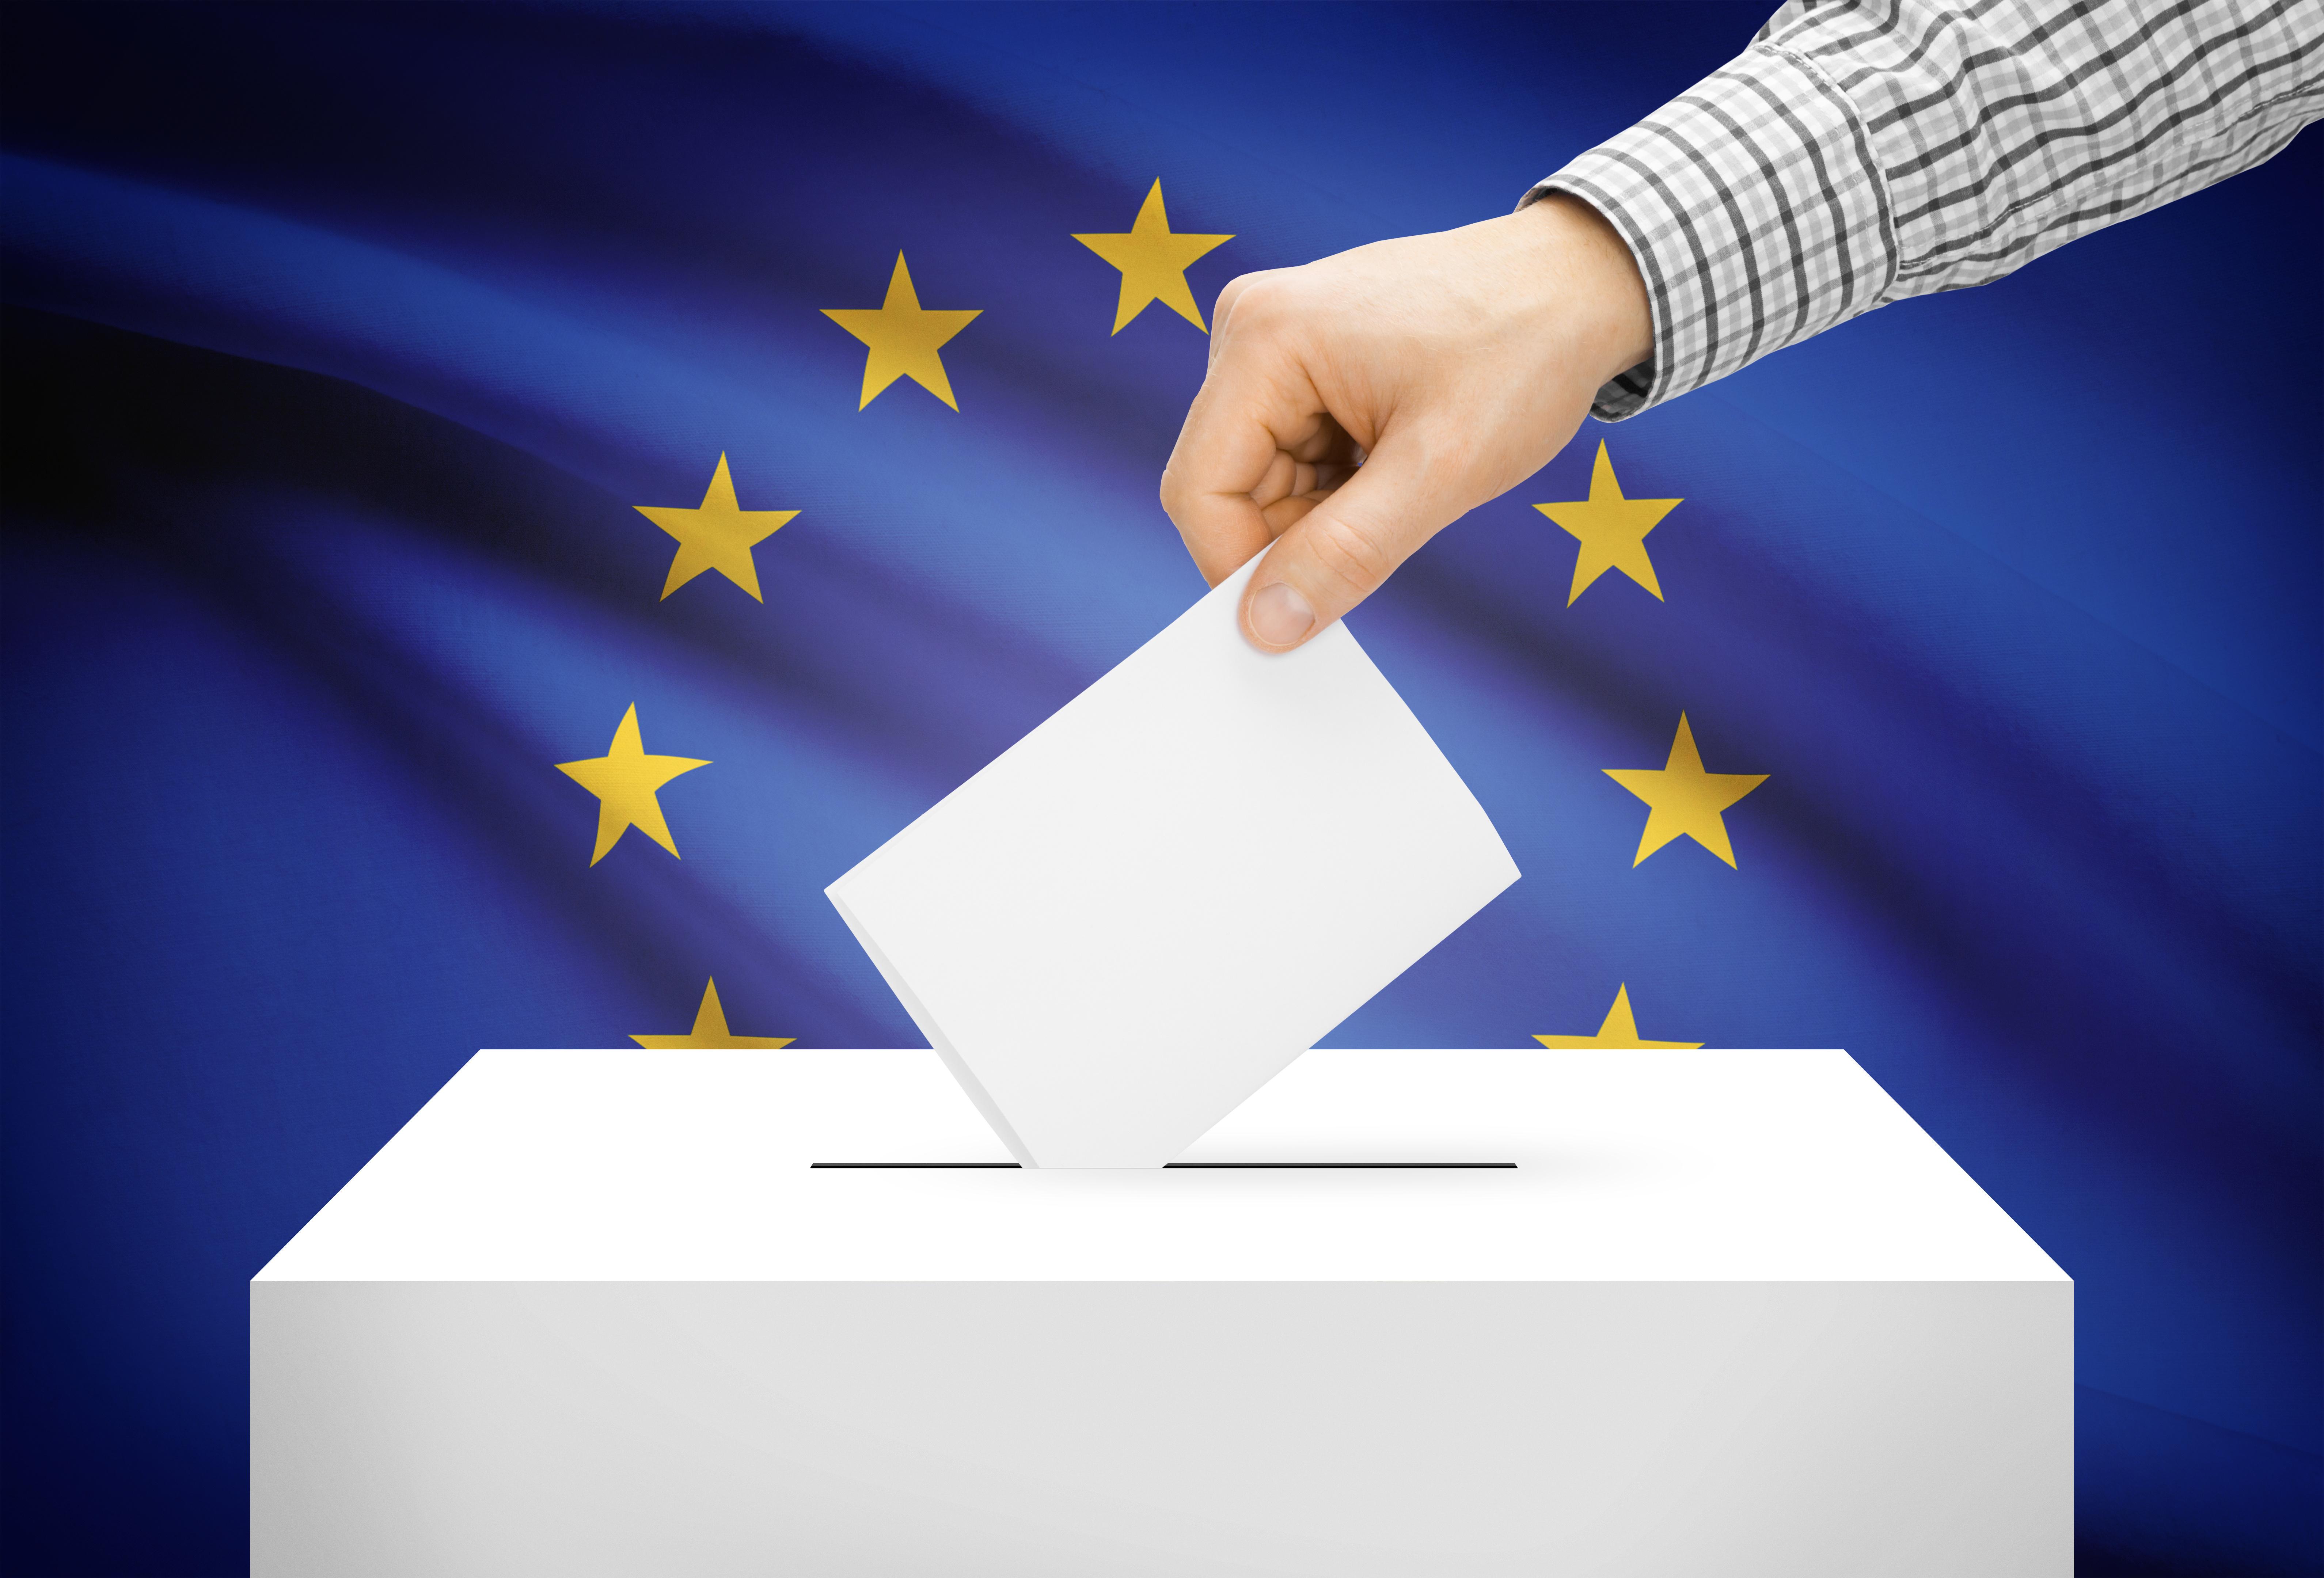 Atacurile partidelor politice în contextul alegerilor pentru Parlamentul European